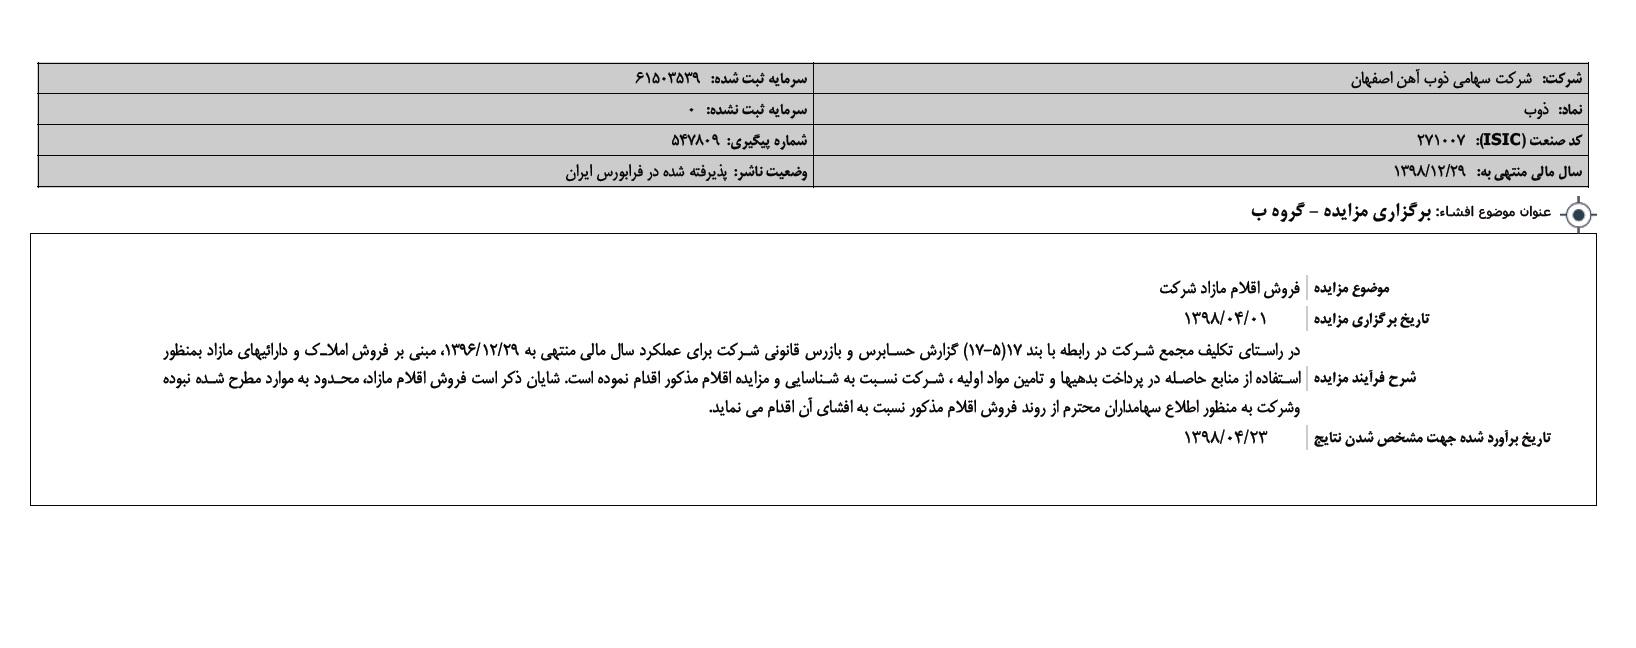 ذوب آهن اصفهان مزایده برگزار می کند